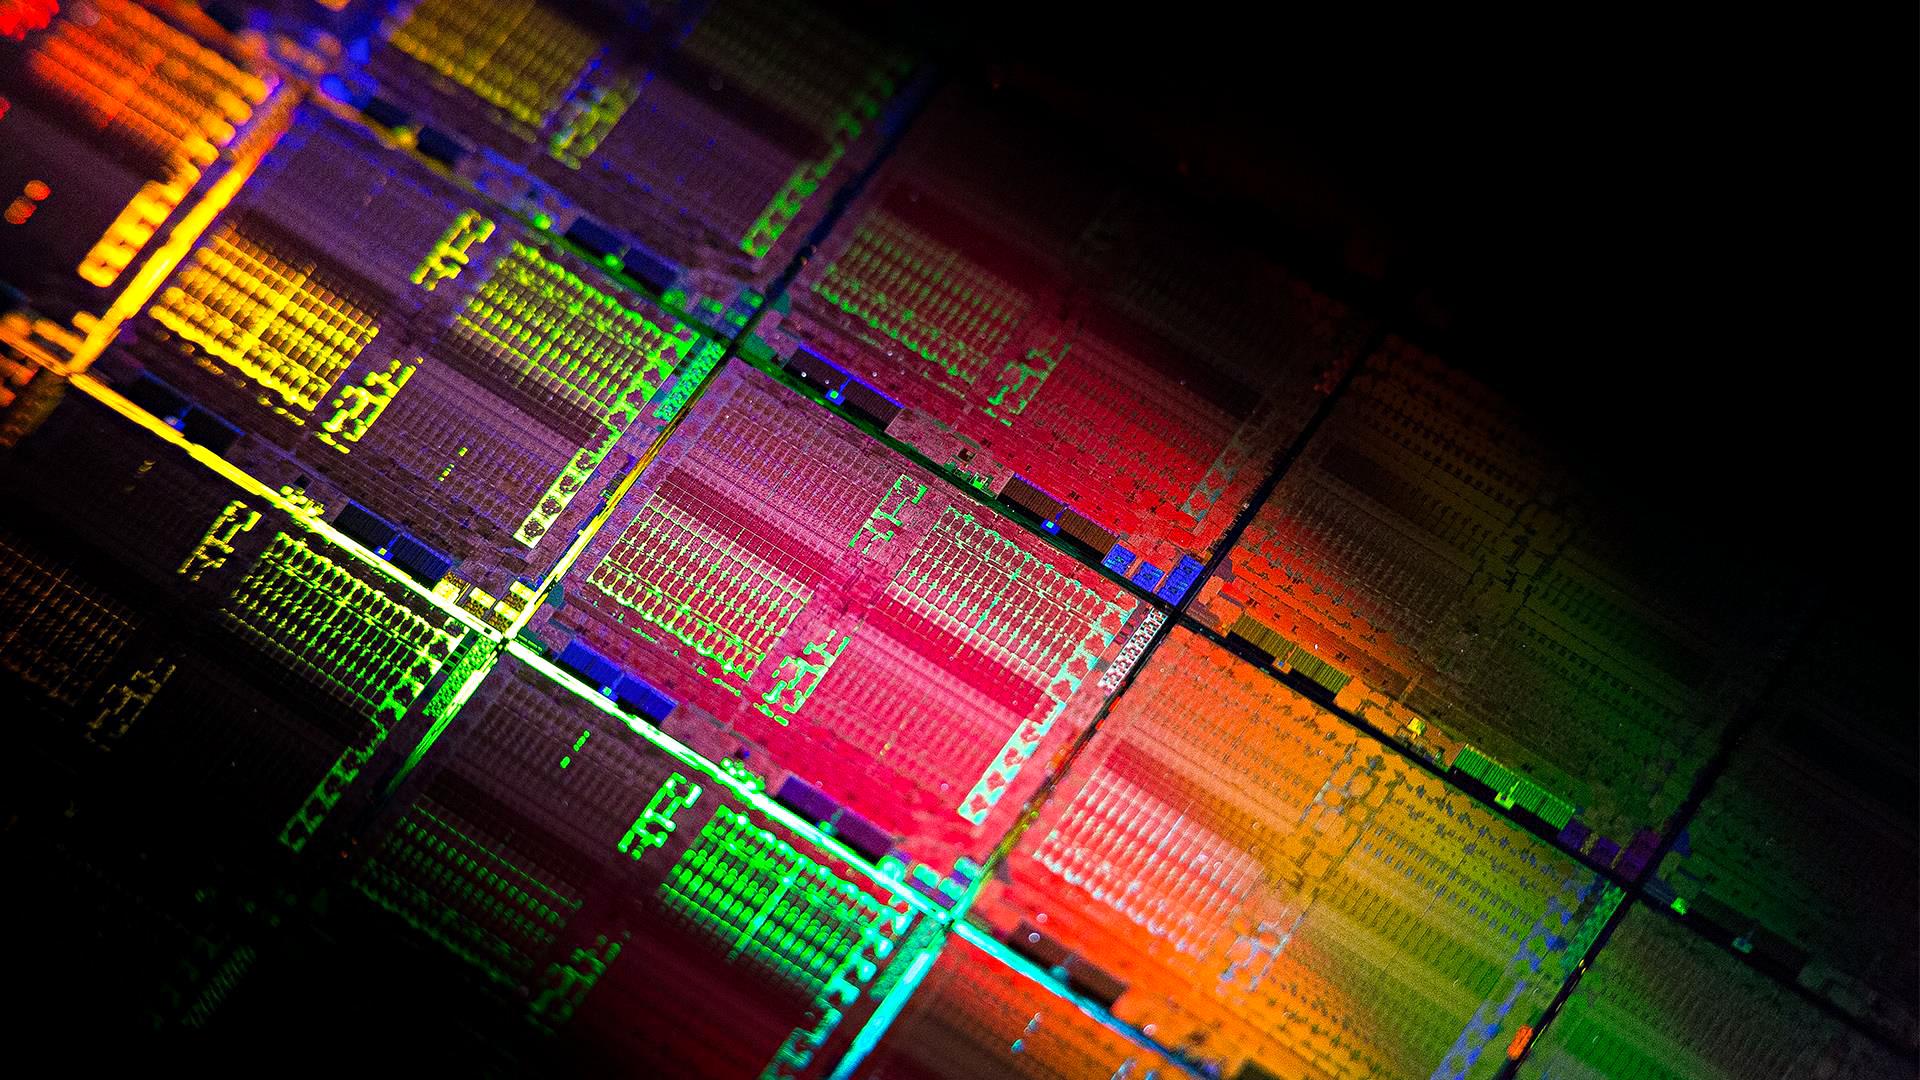 Radeon RX Vega 64 im Test: Schnell und durstig mit Potenzial - Wafer mit Vega-10-Chips (Bild: AMD)